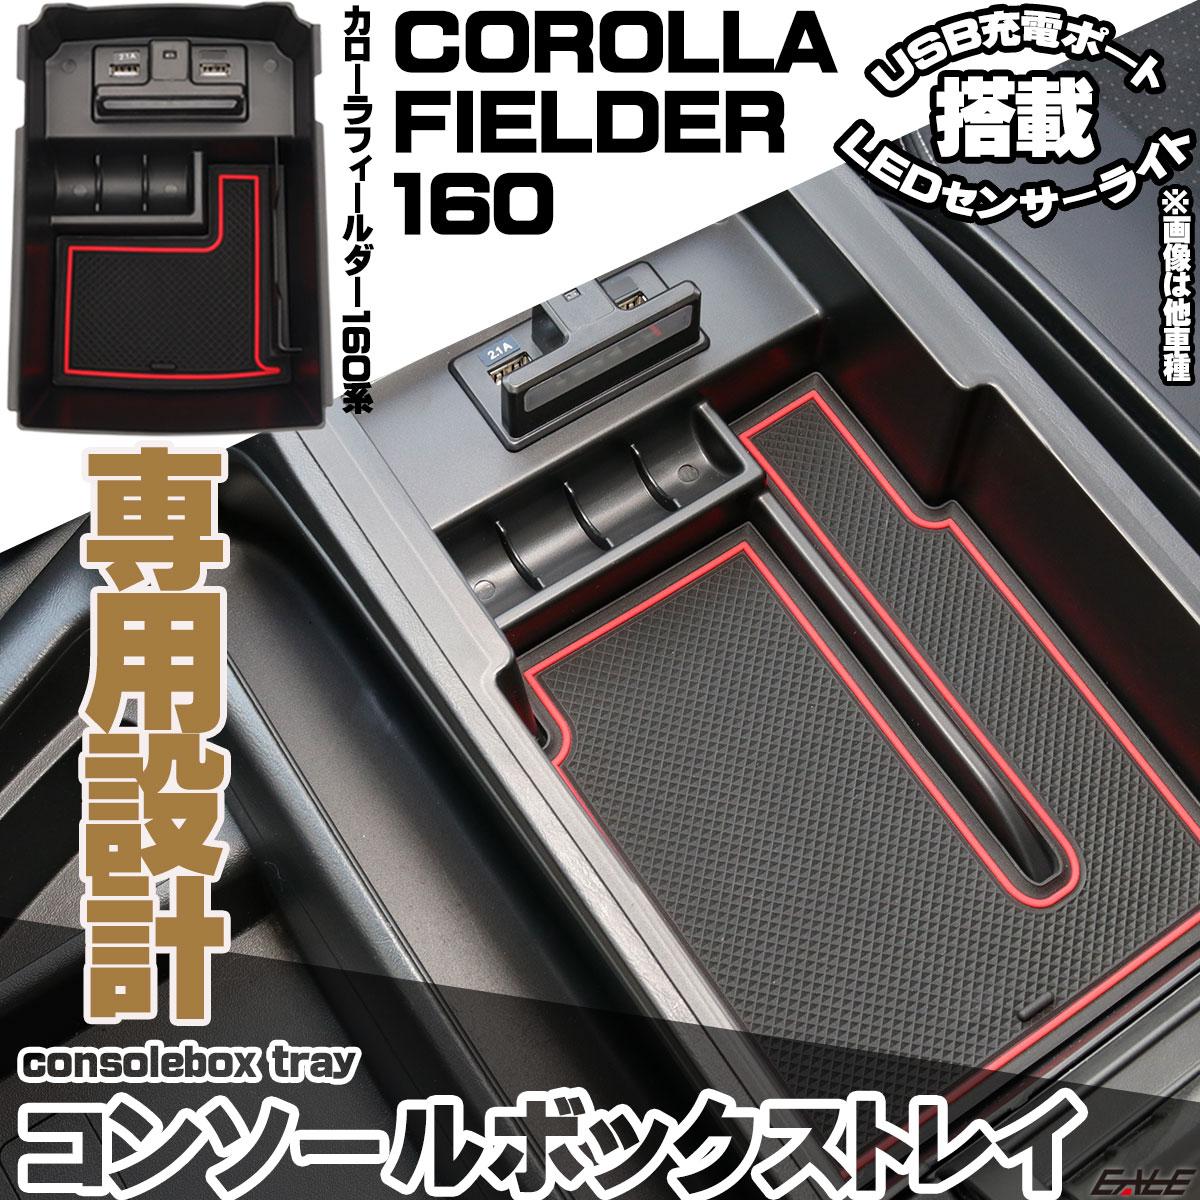 カローラ フィールダー 160系 前期 後期 専用設計 センター コンソール ボックス トレイ USB 2ポート 急速充電 QC3.0対応 LED センサーライト 搭載 S-875